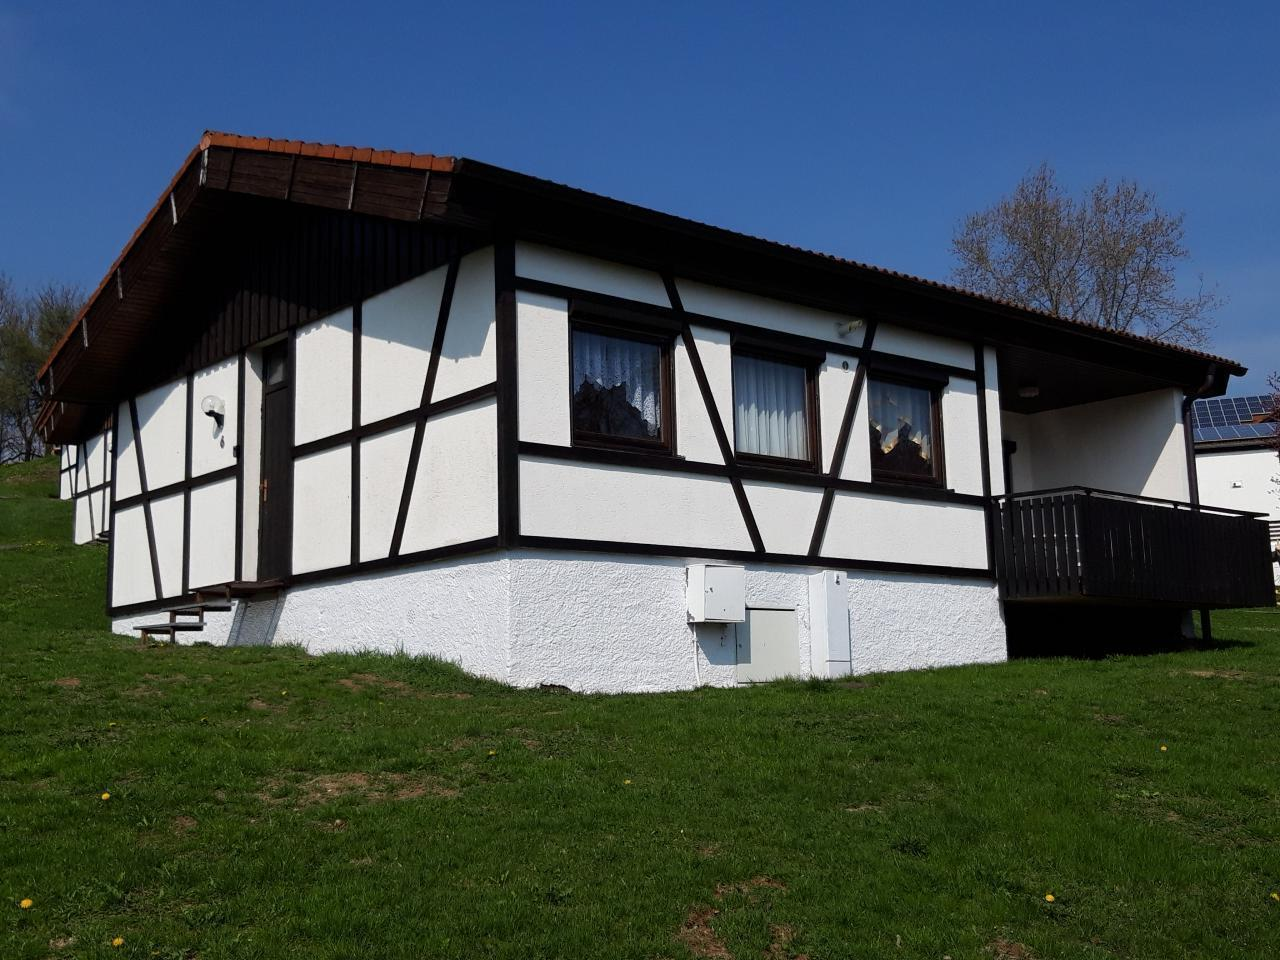 Ferienhaus Bungalow 6 neu renoviert für 4-6 Personen in der Rhön Residence Bungalows (757461), Dipperz, Rhön (Hessen), Hessen, Deutschland, Bild 2